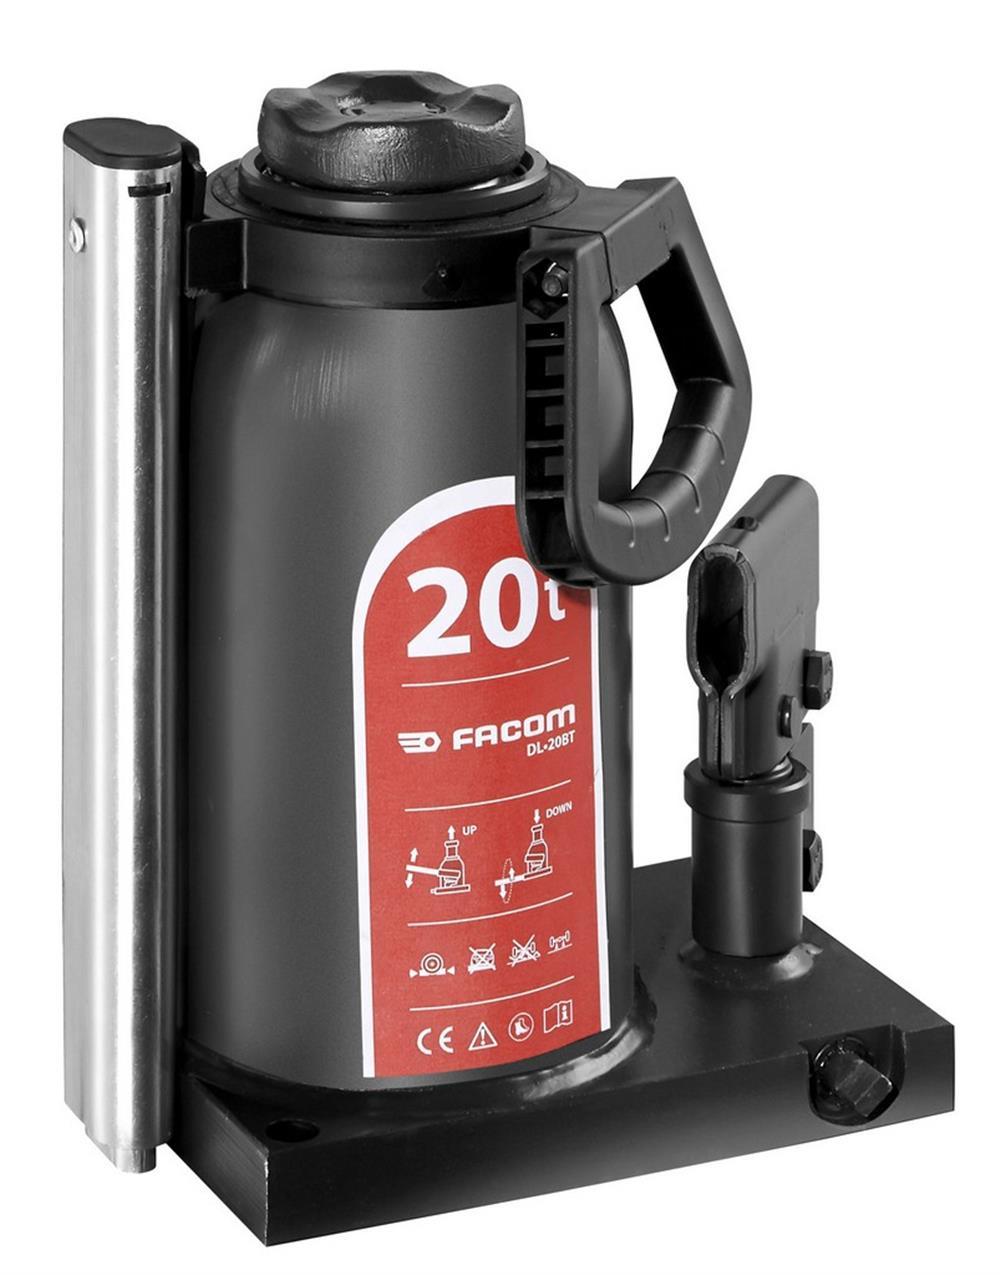 DL. BT - Gatos botellas 10 t - 20 t - 30 t PEGAMO